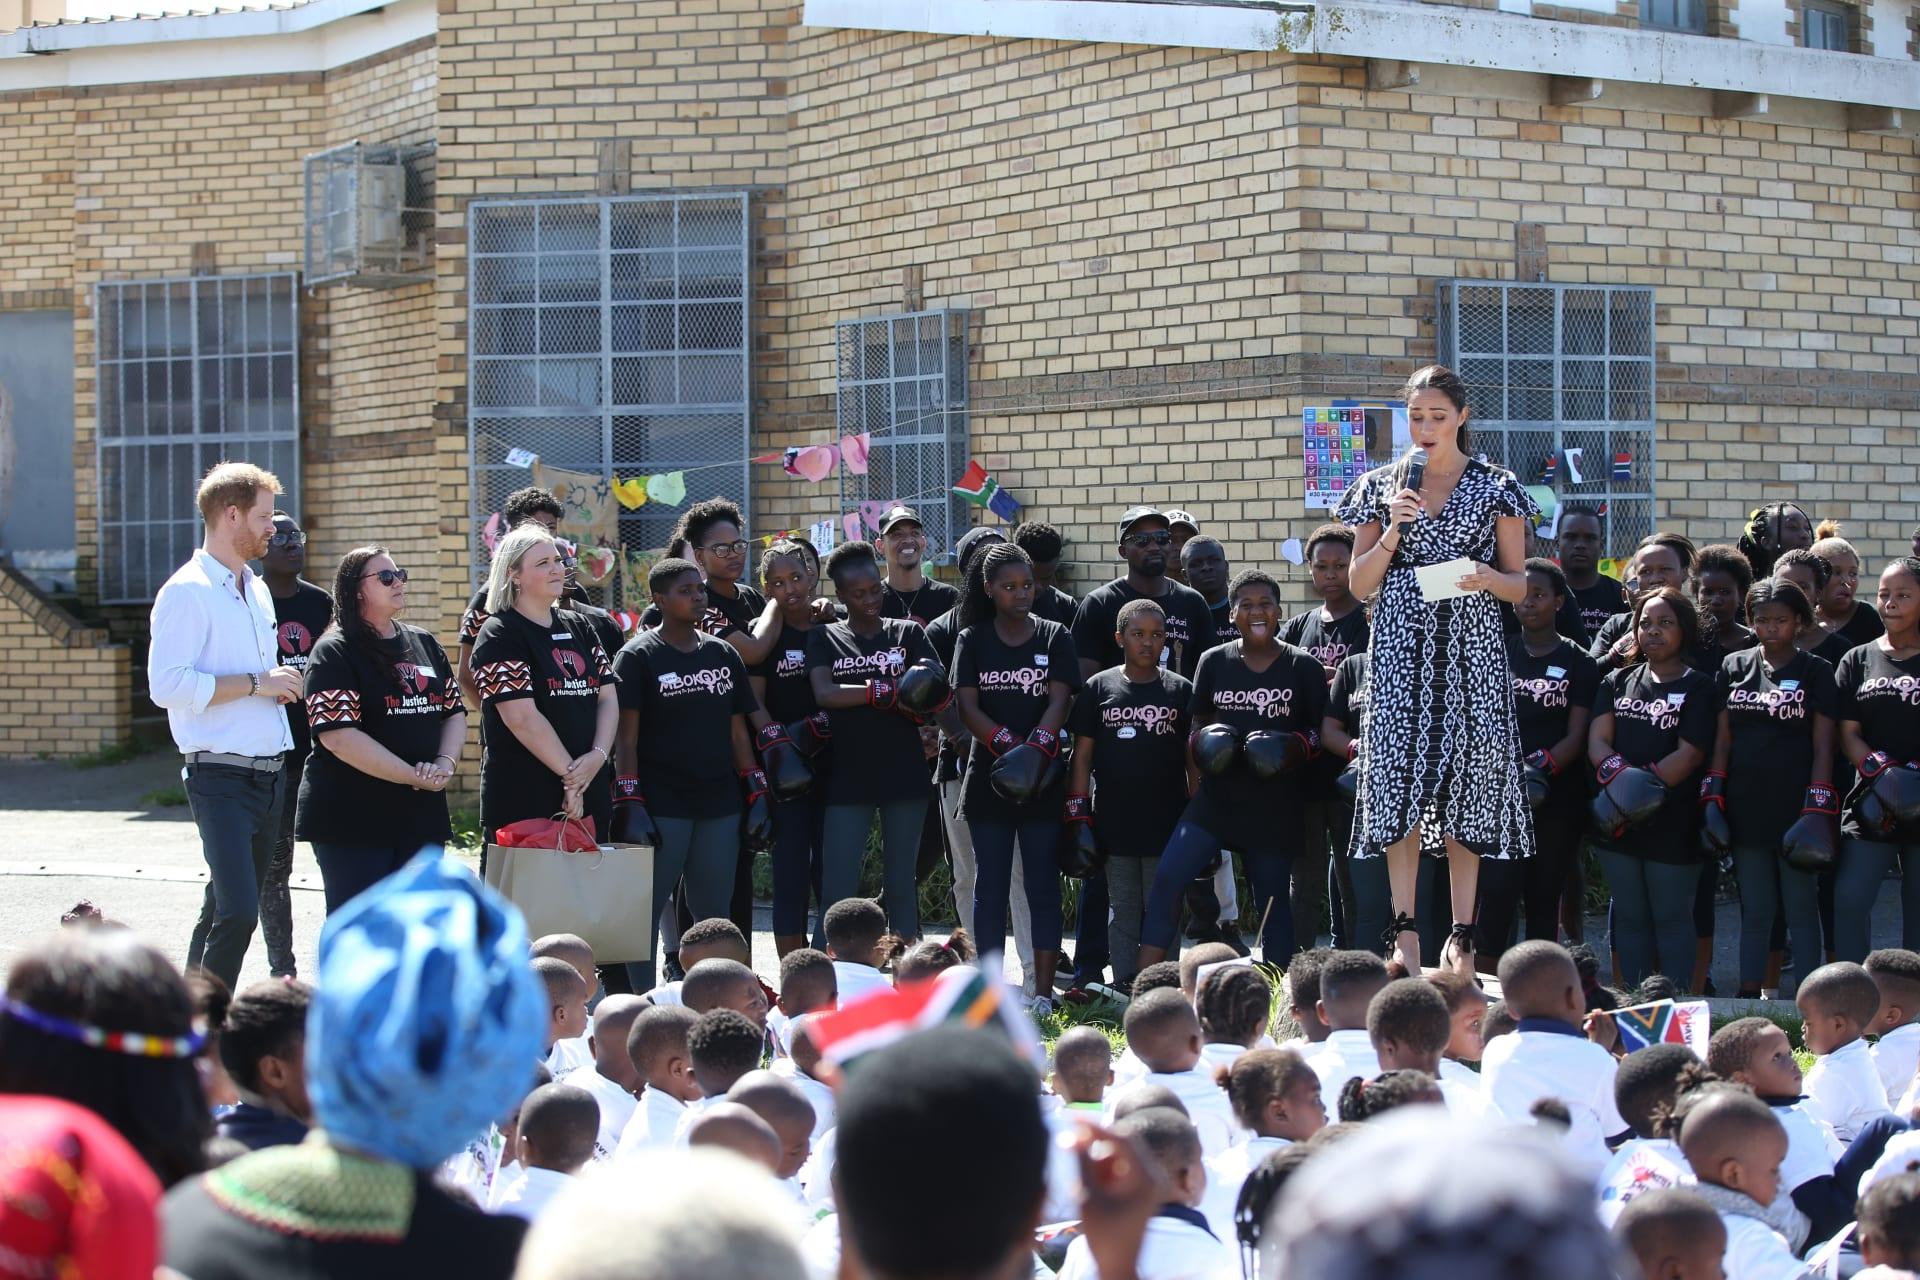 دوق ودوقة ساسكس في جنوب أفريقيا